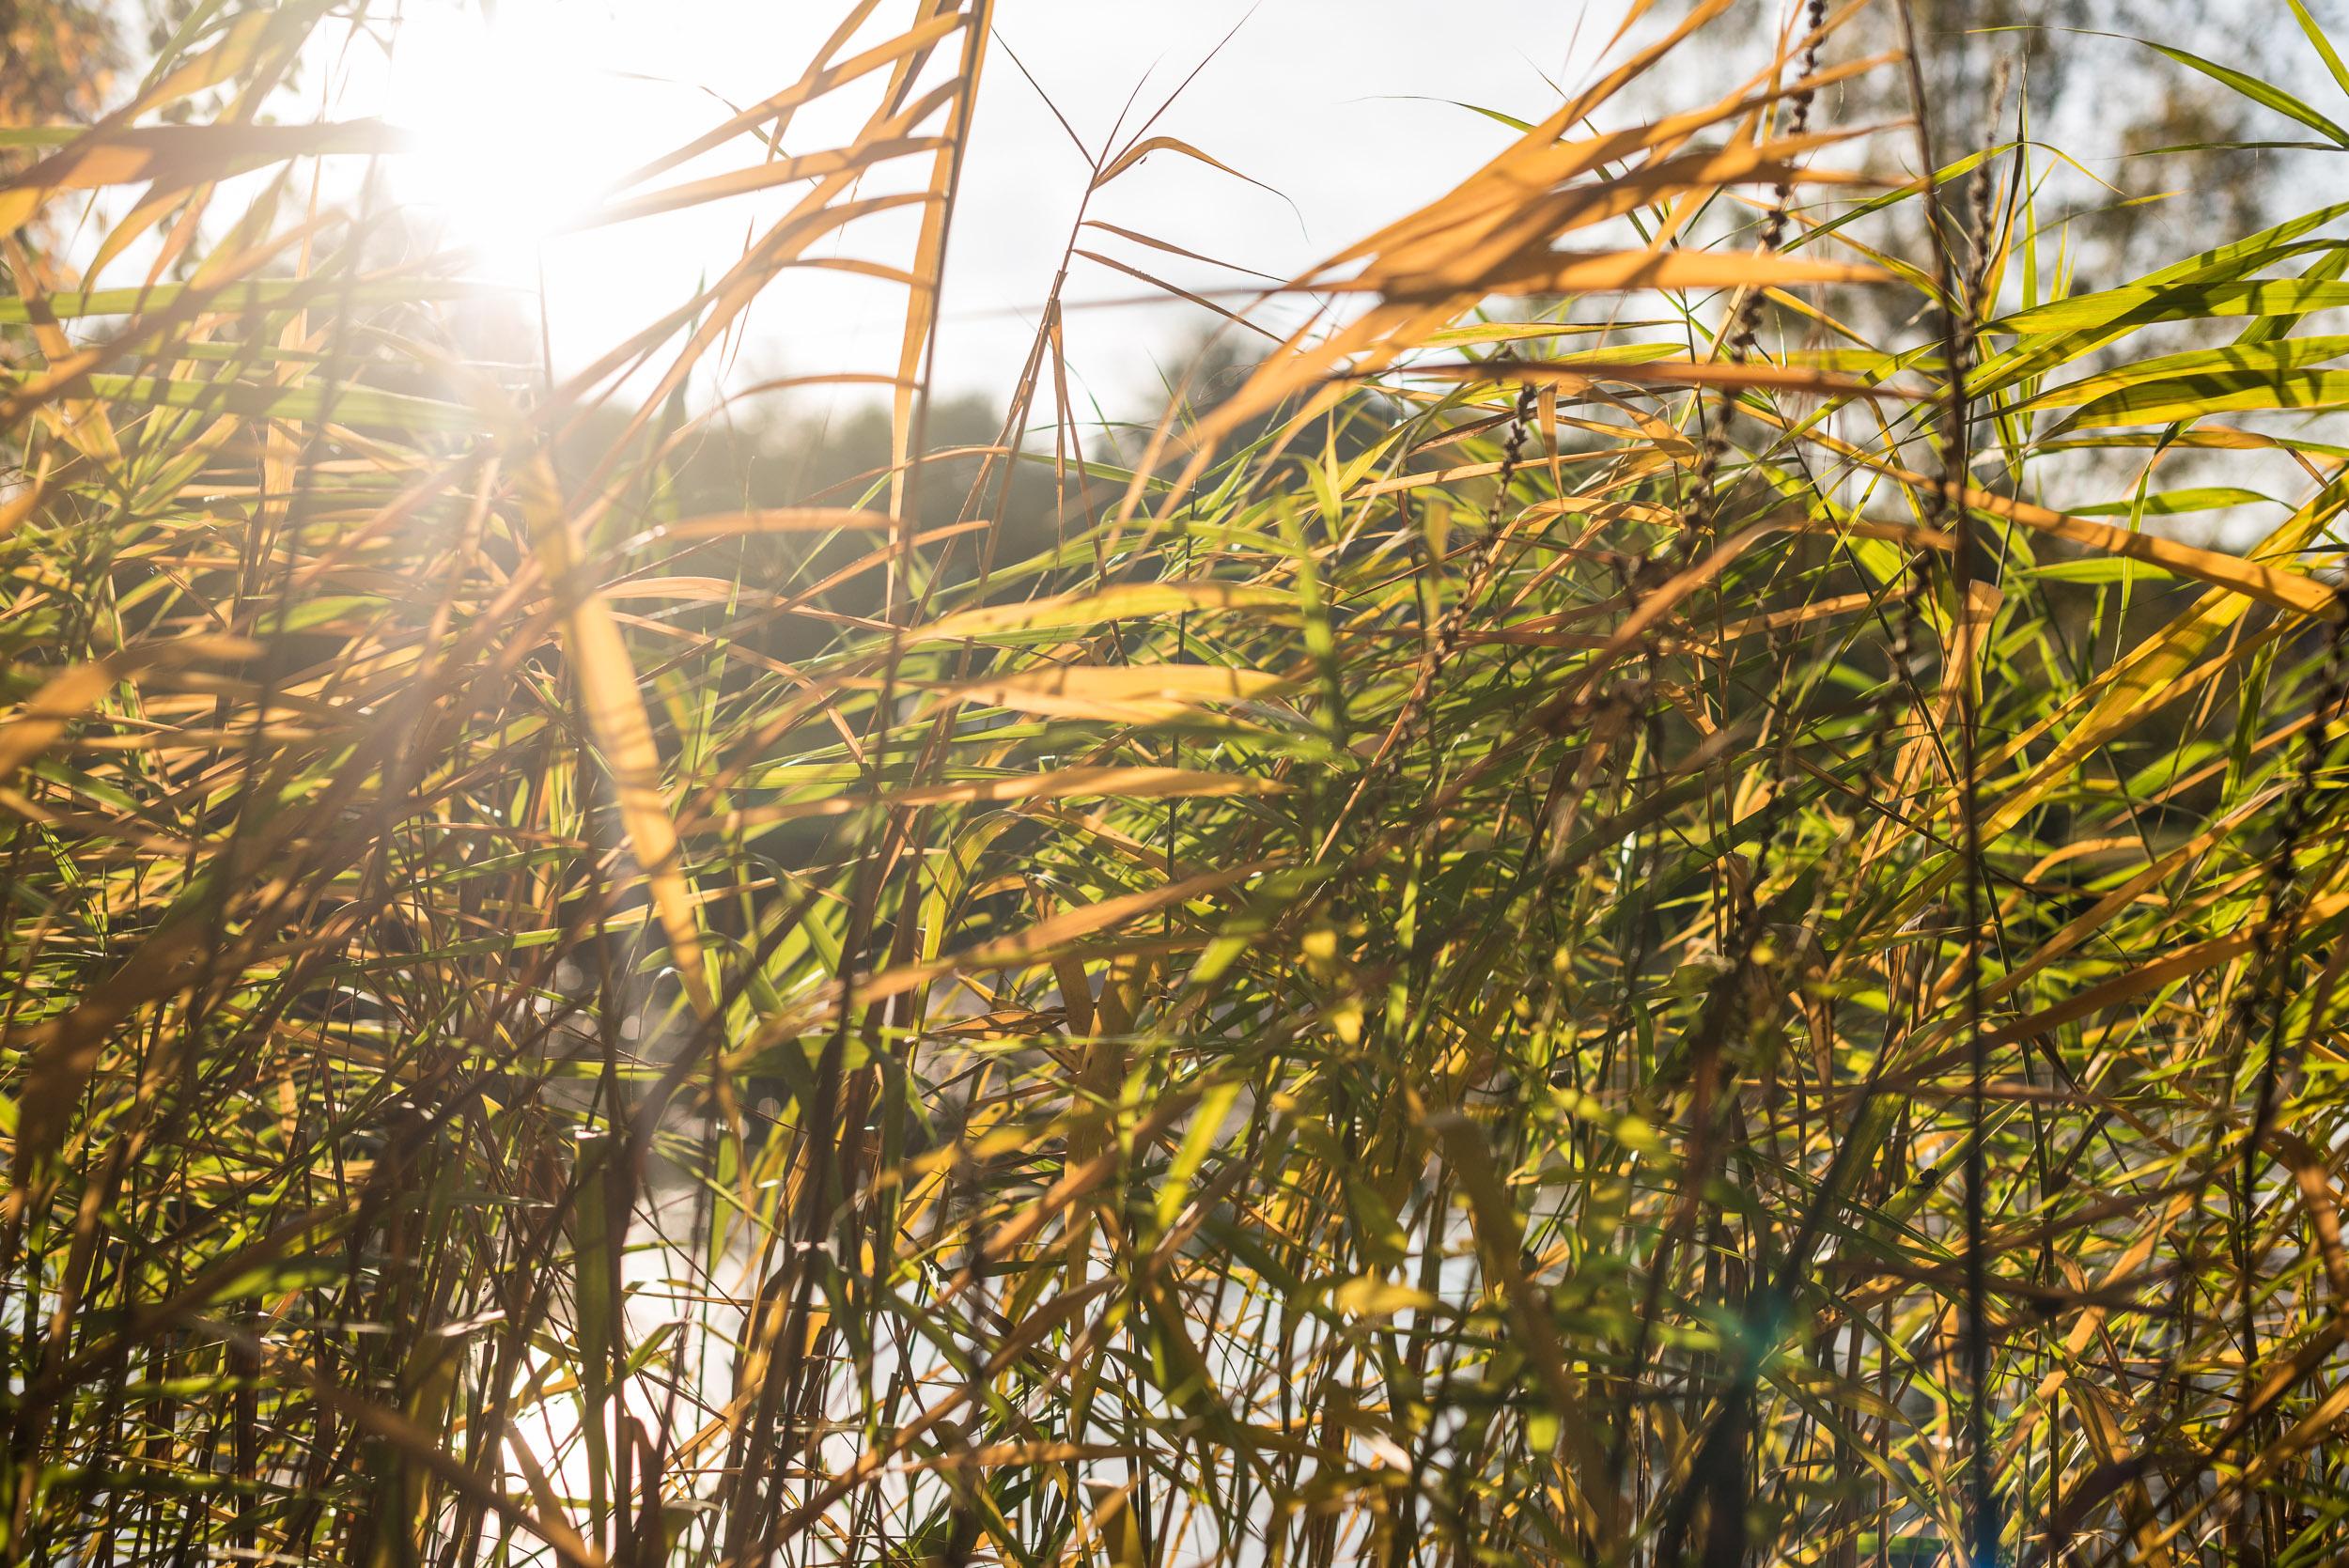 Les herbes et le soleil